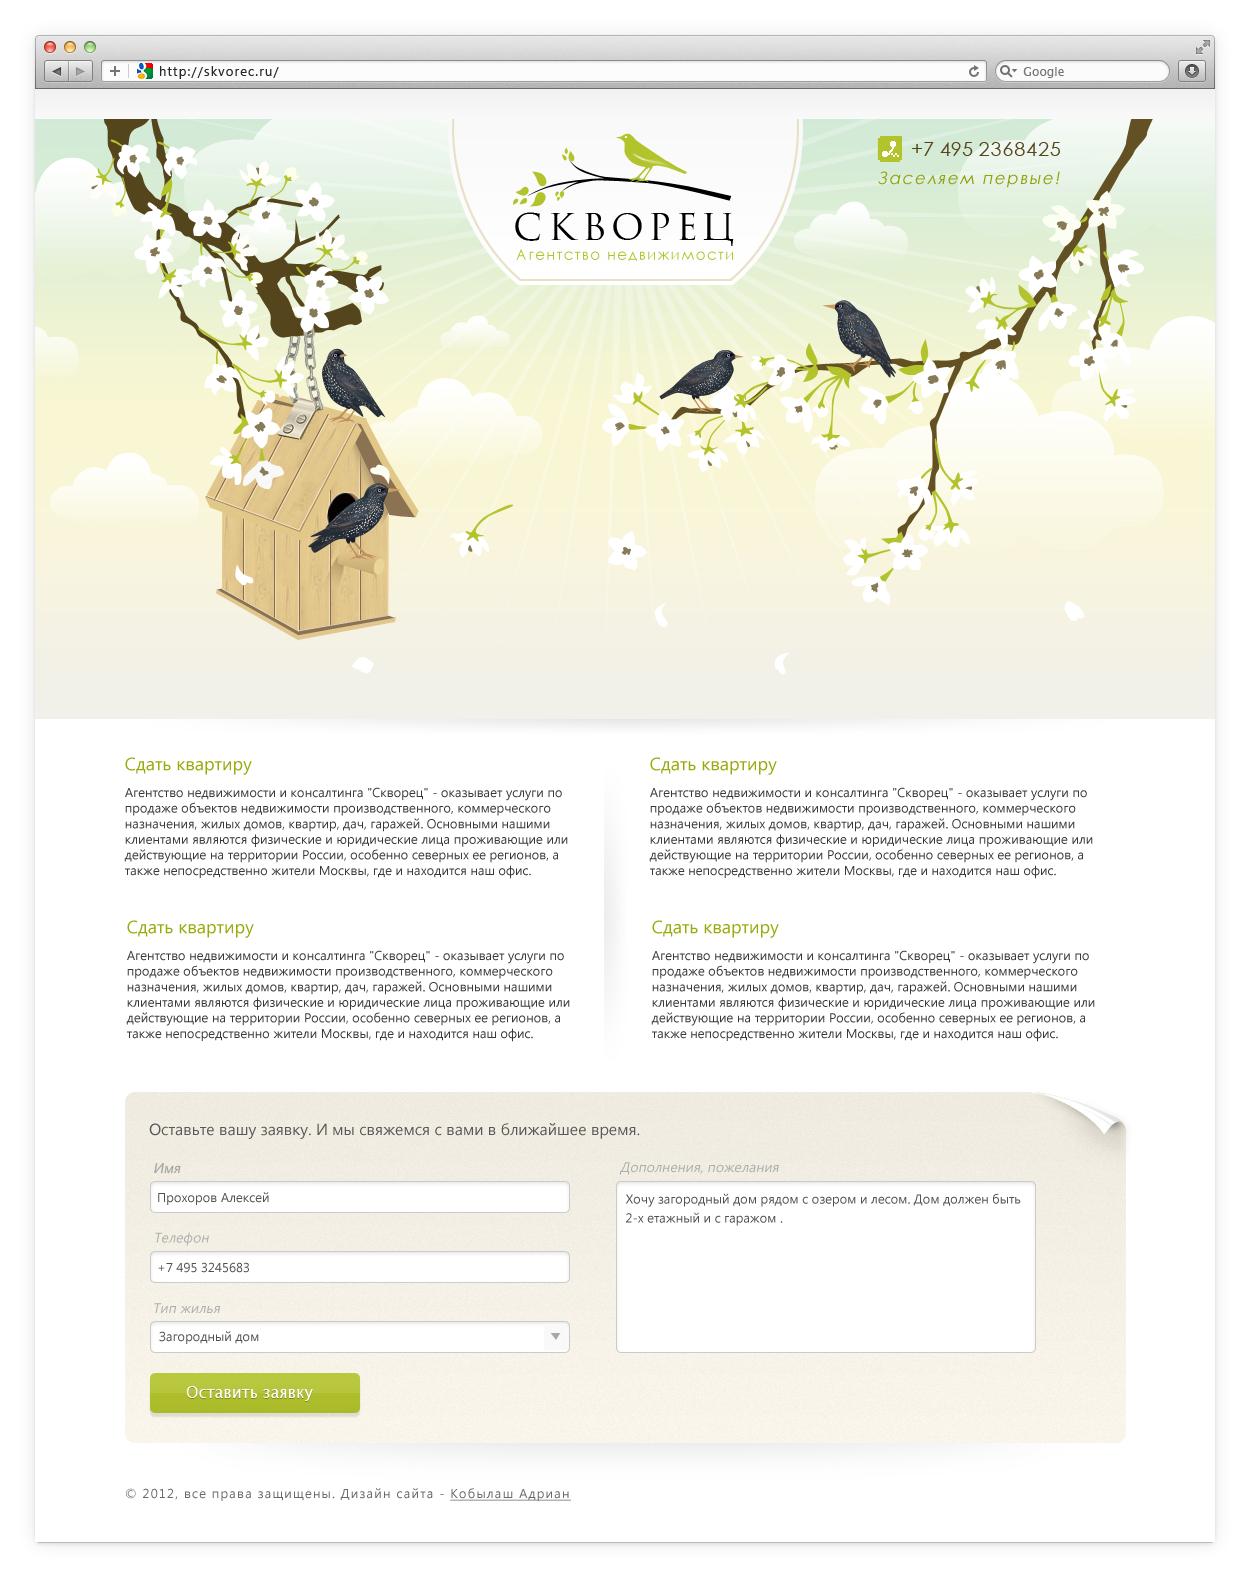 Дизайн главной страницы сайта фото f_504069fea2b7b.png